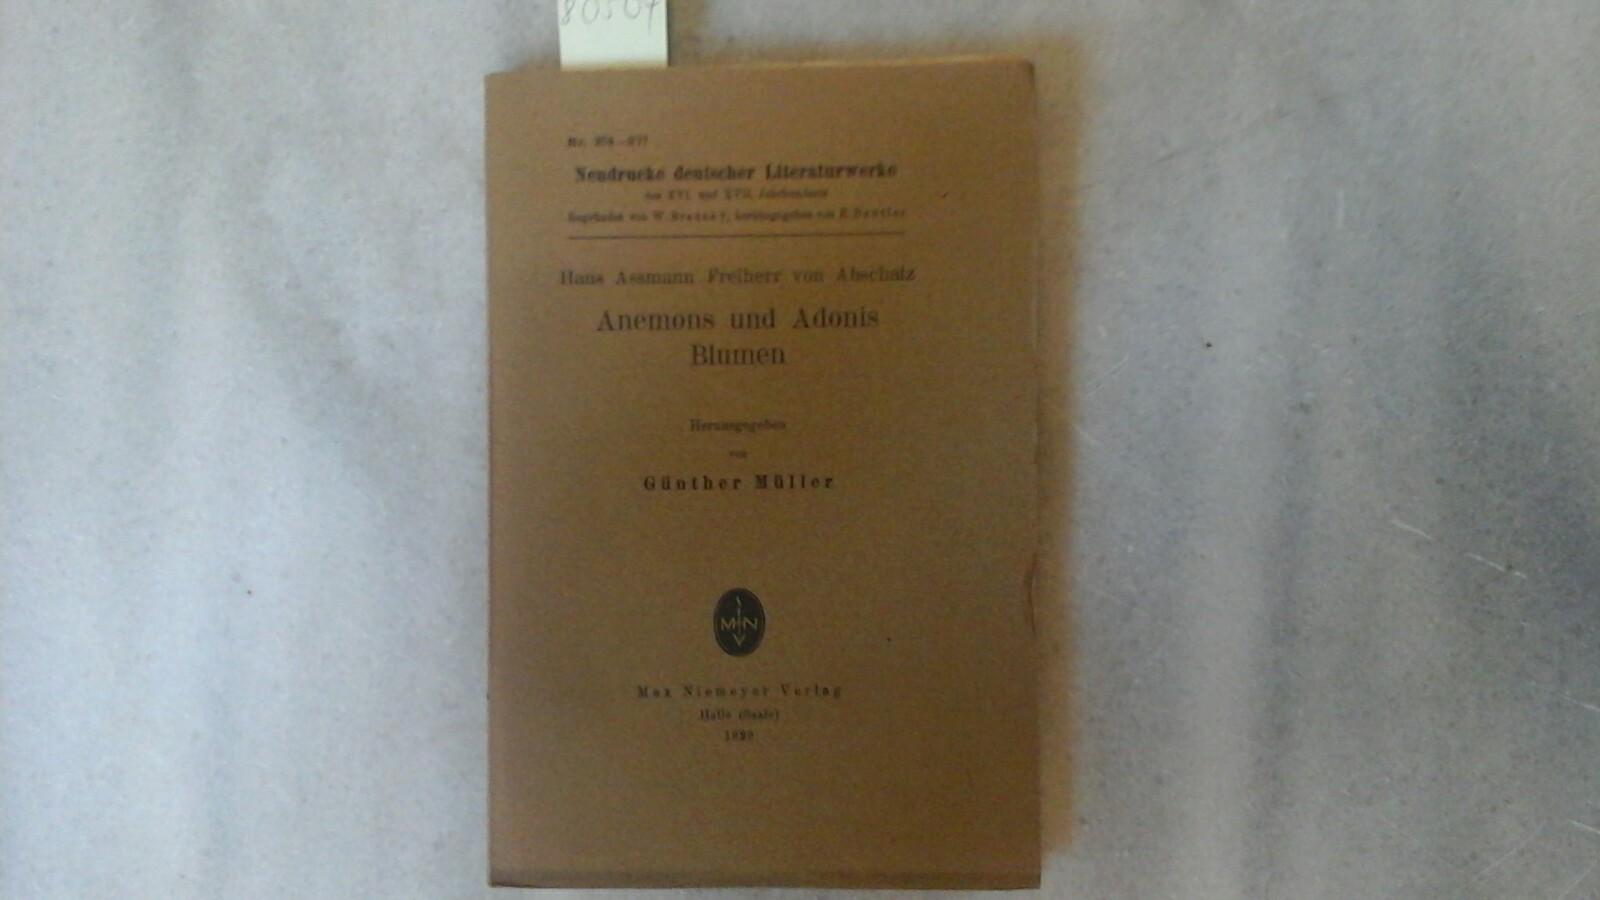 Anemons und Adonis Blumen. Herausgegeben von Günther Müller. Erste /1./ Auflage dieser Ausgabe.